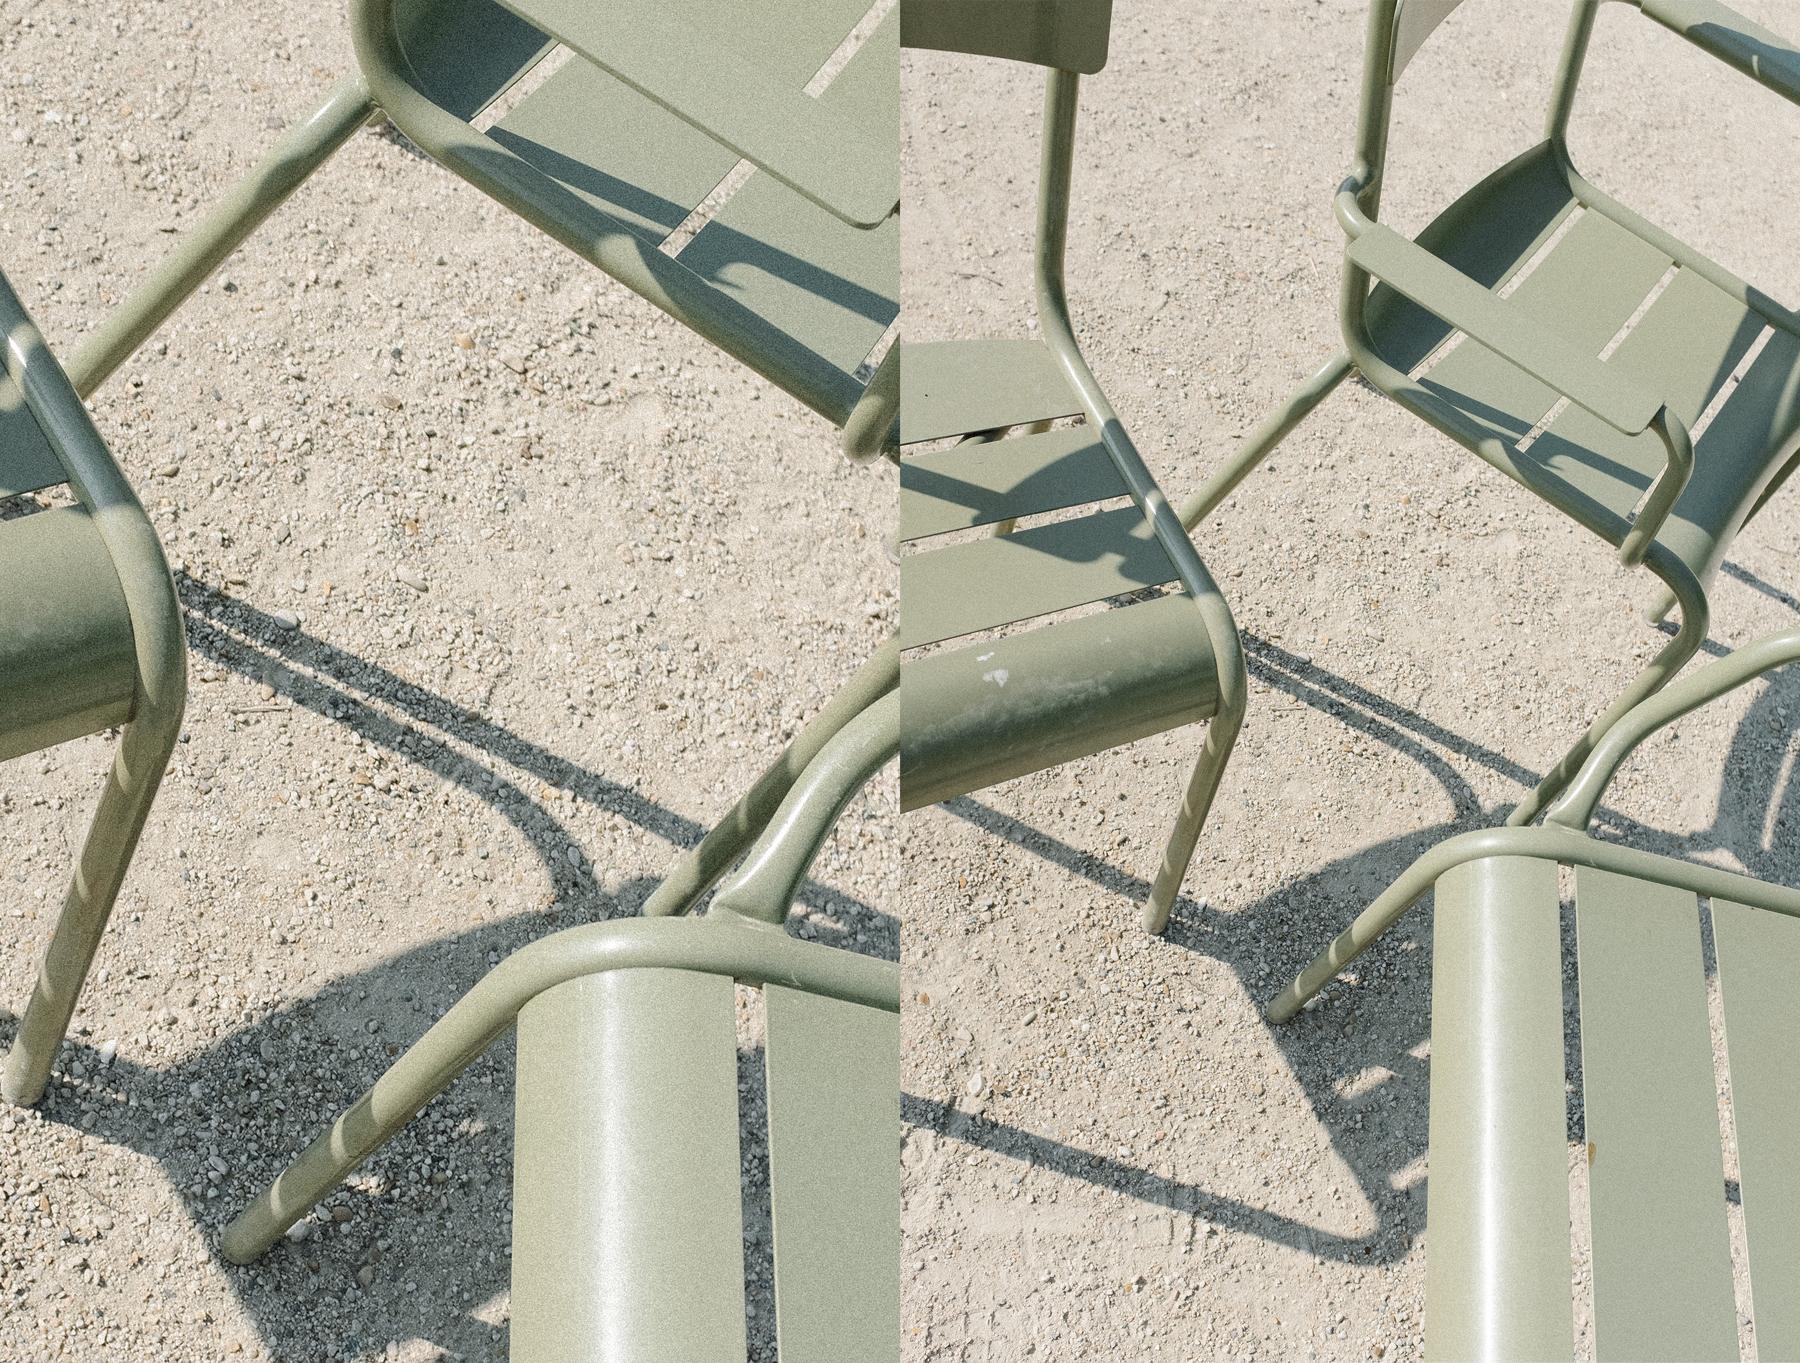 DSCF0244-copy-montage.jpg